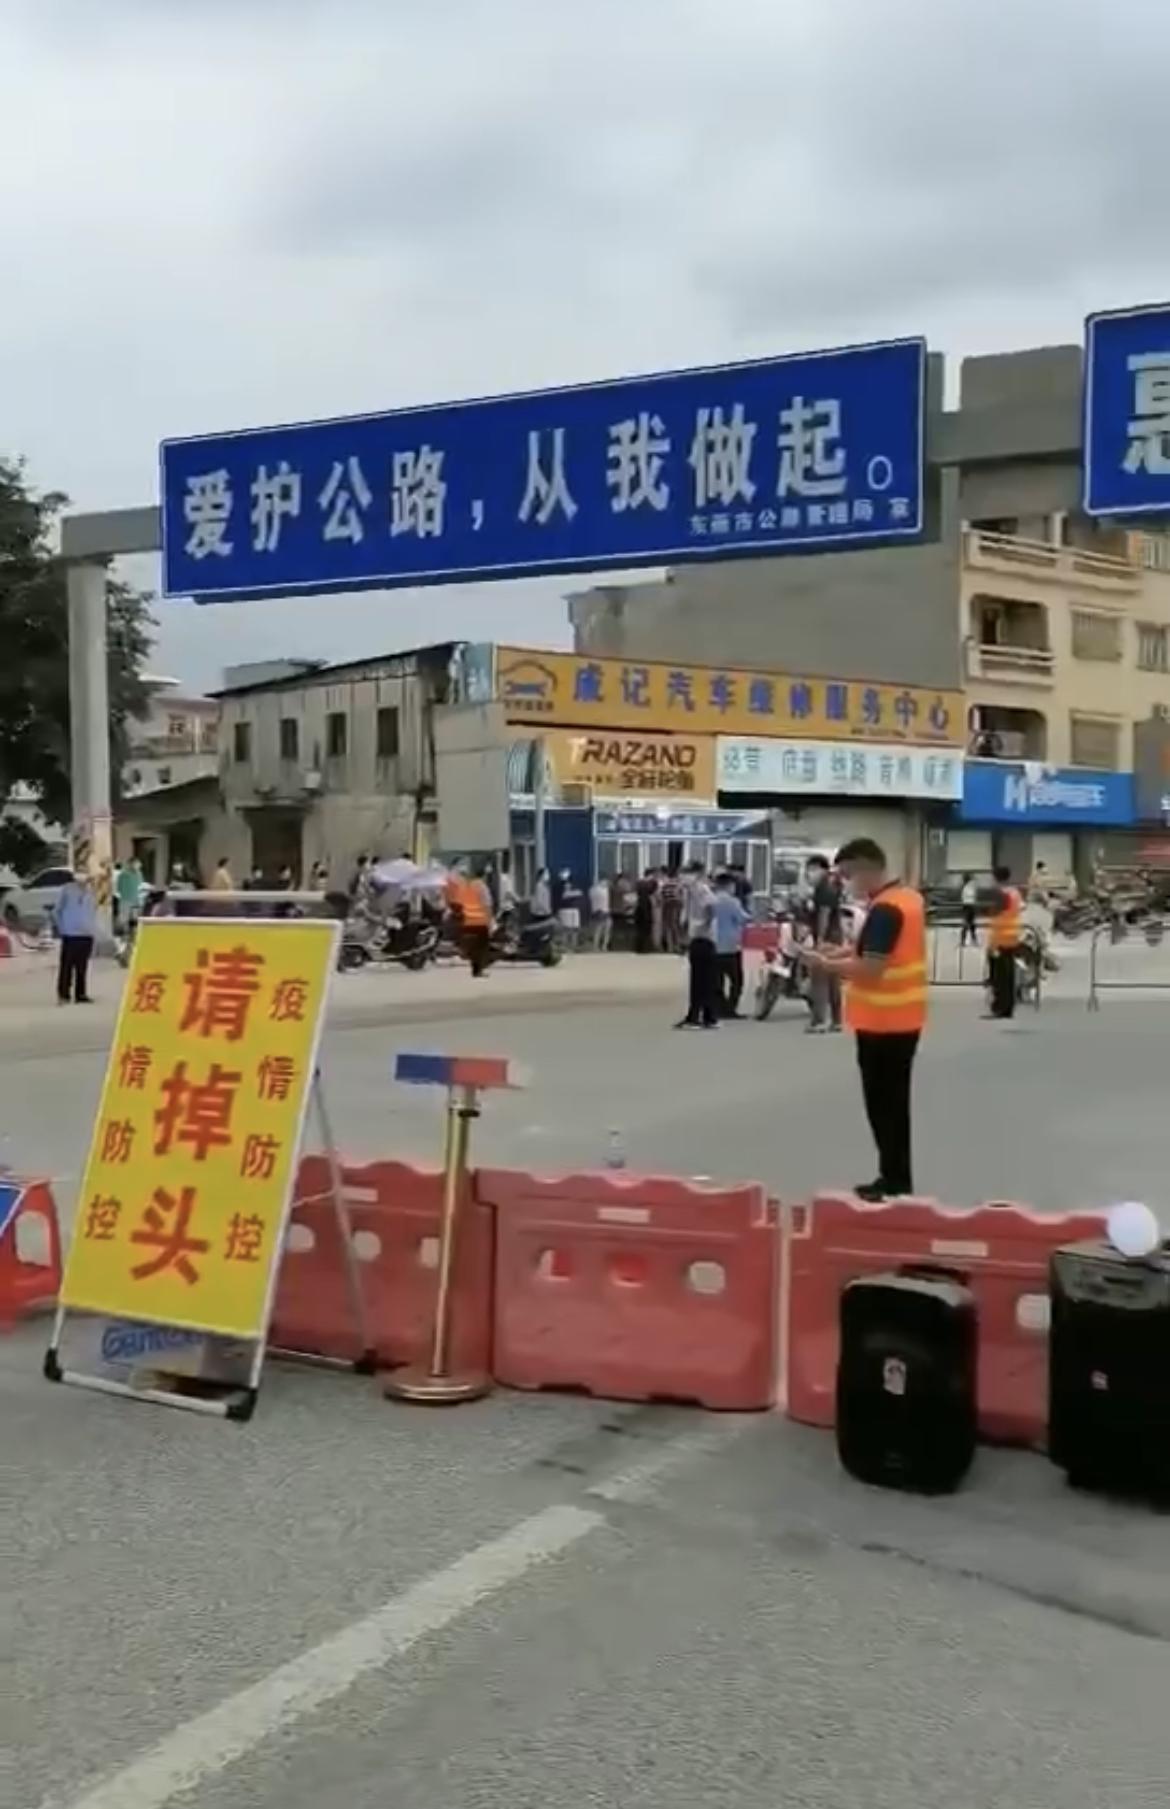 廣東惠州公路設計卡,禁東莞車輛進入。(視頻截圖)